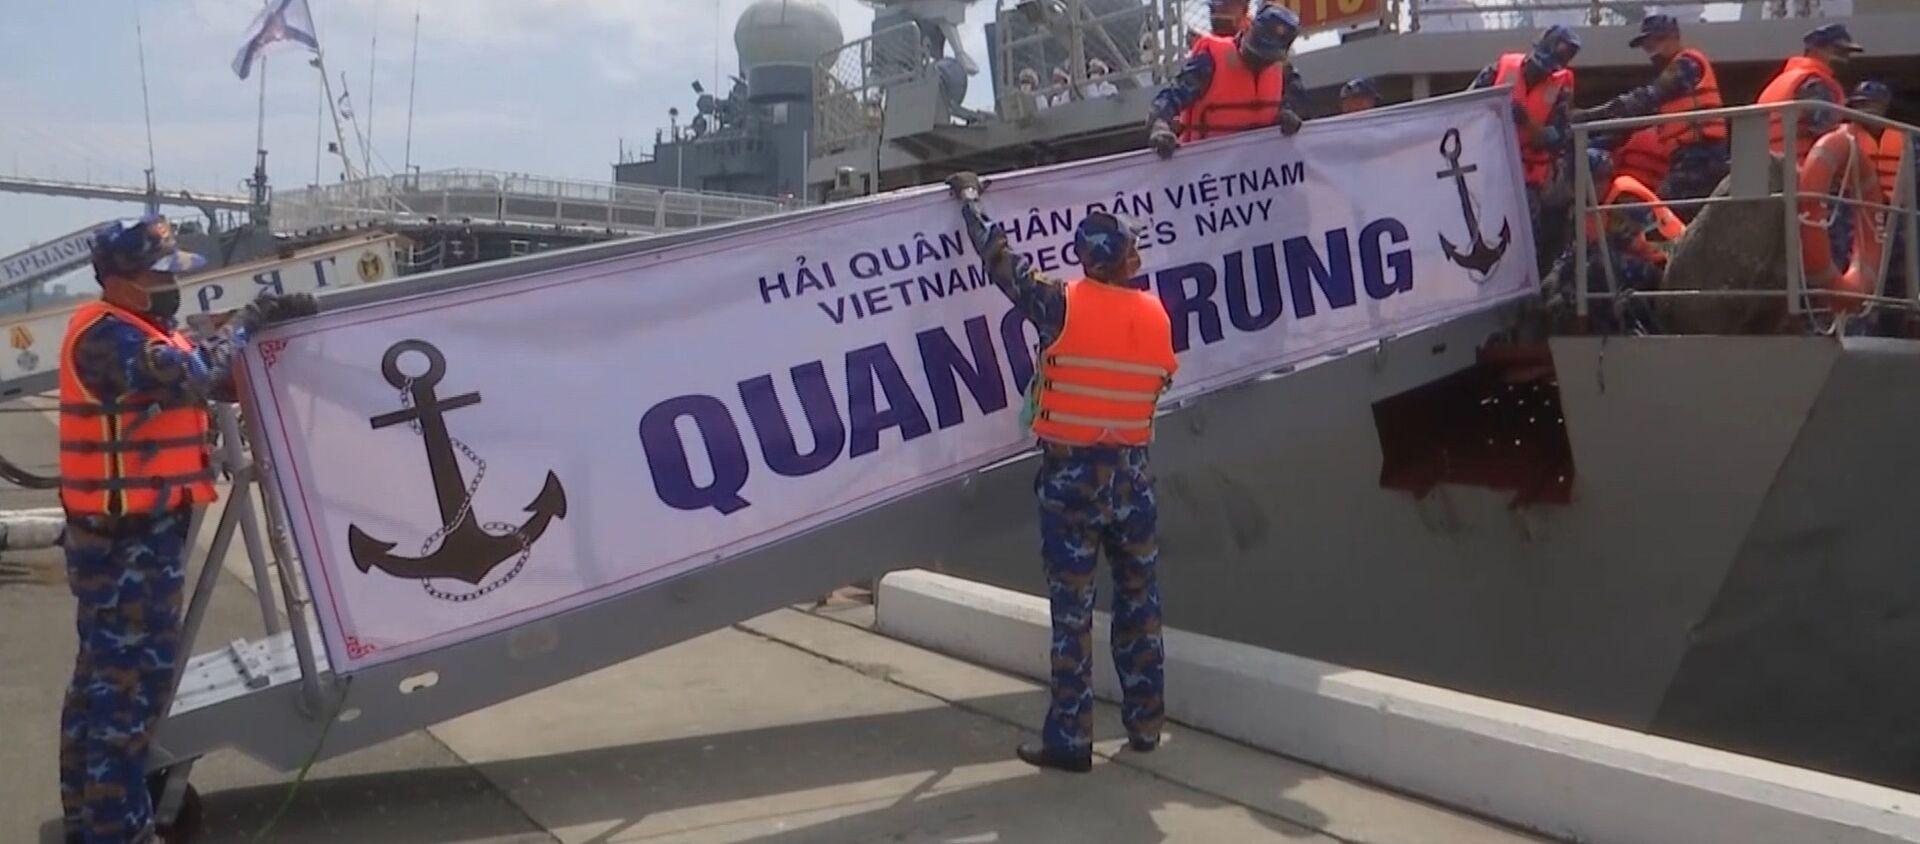 Các chiến hạm của Hải quân Việt Nam được chào đón long trọng tại bến tàu của Hạm đội Thái Bình Dương trong khuôn khổ cuộc thi Cúp Biển - Sputnik Việt Nam, 1920, 23.08.2021